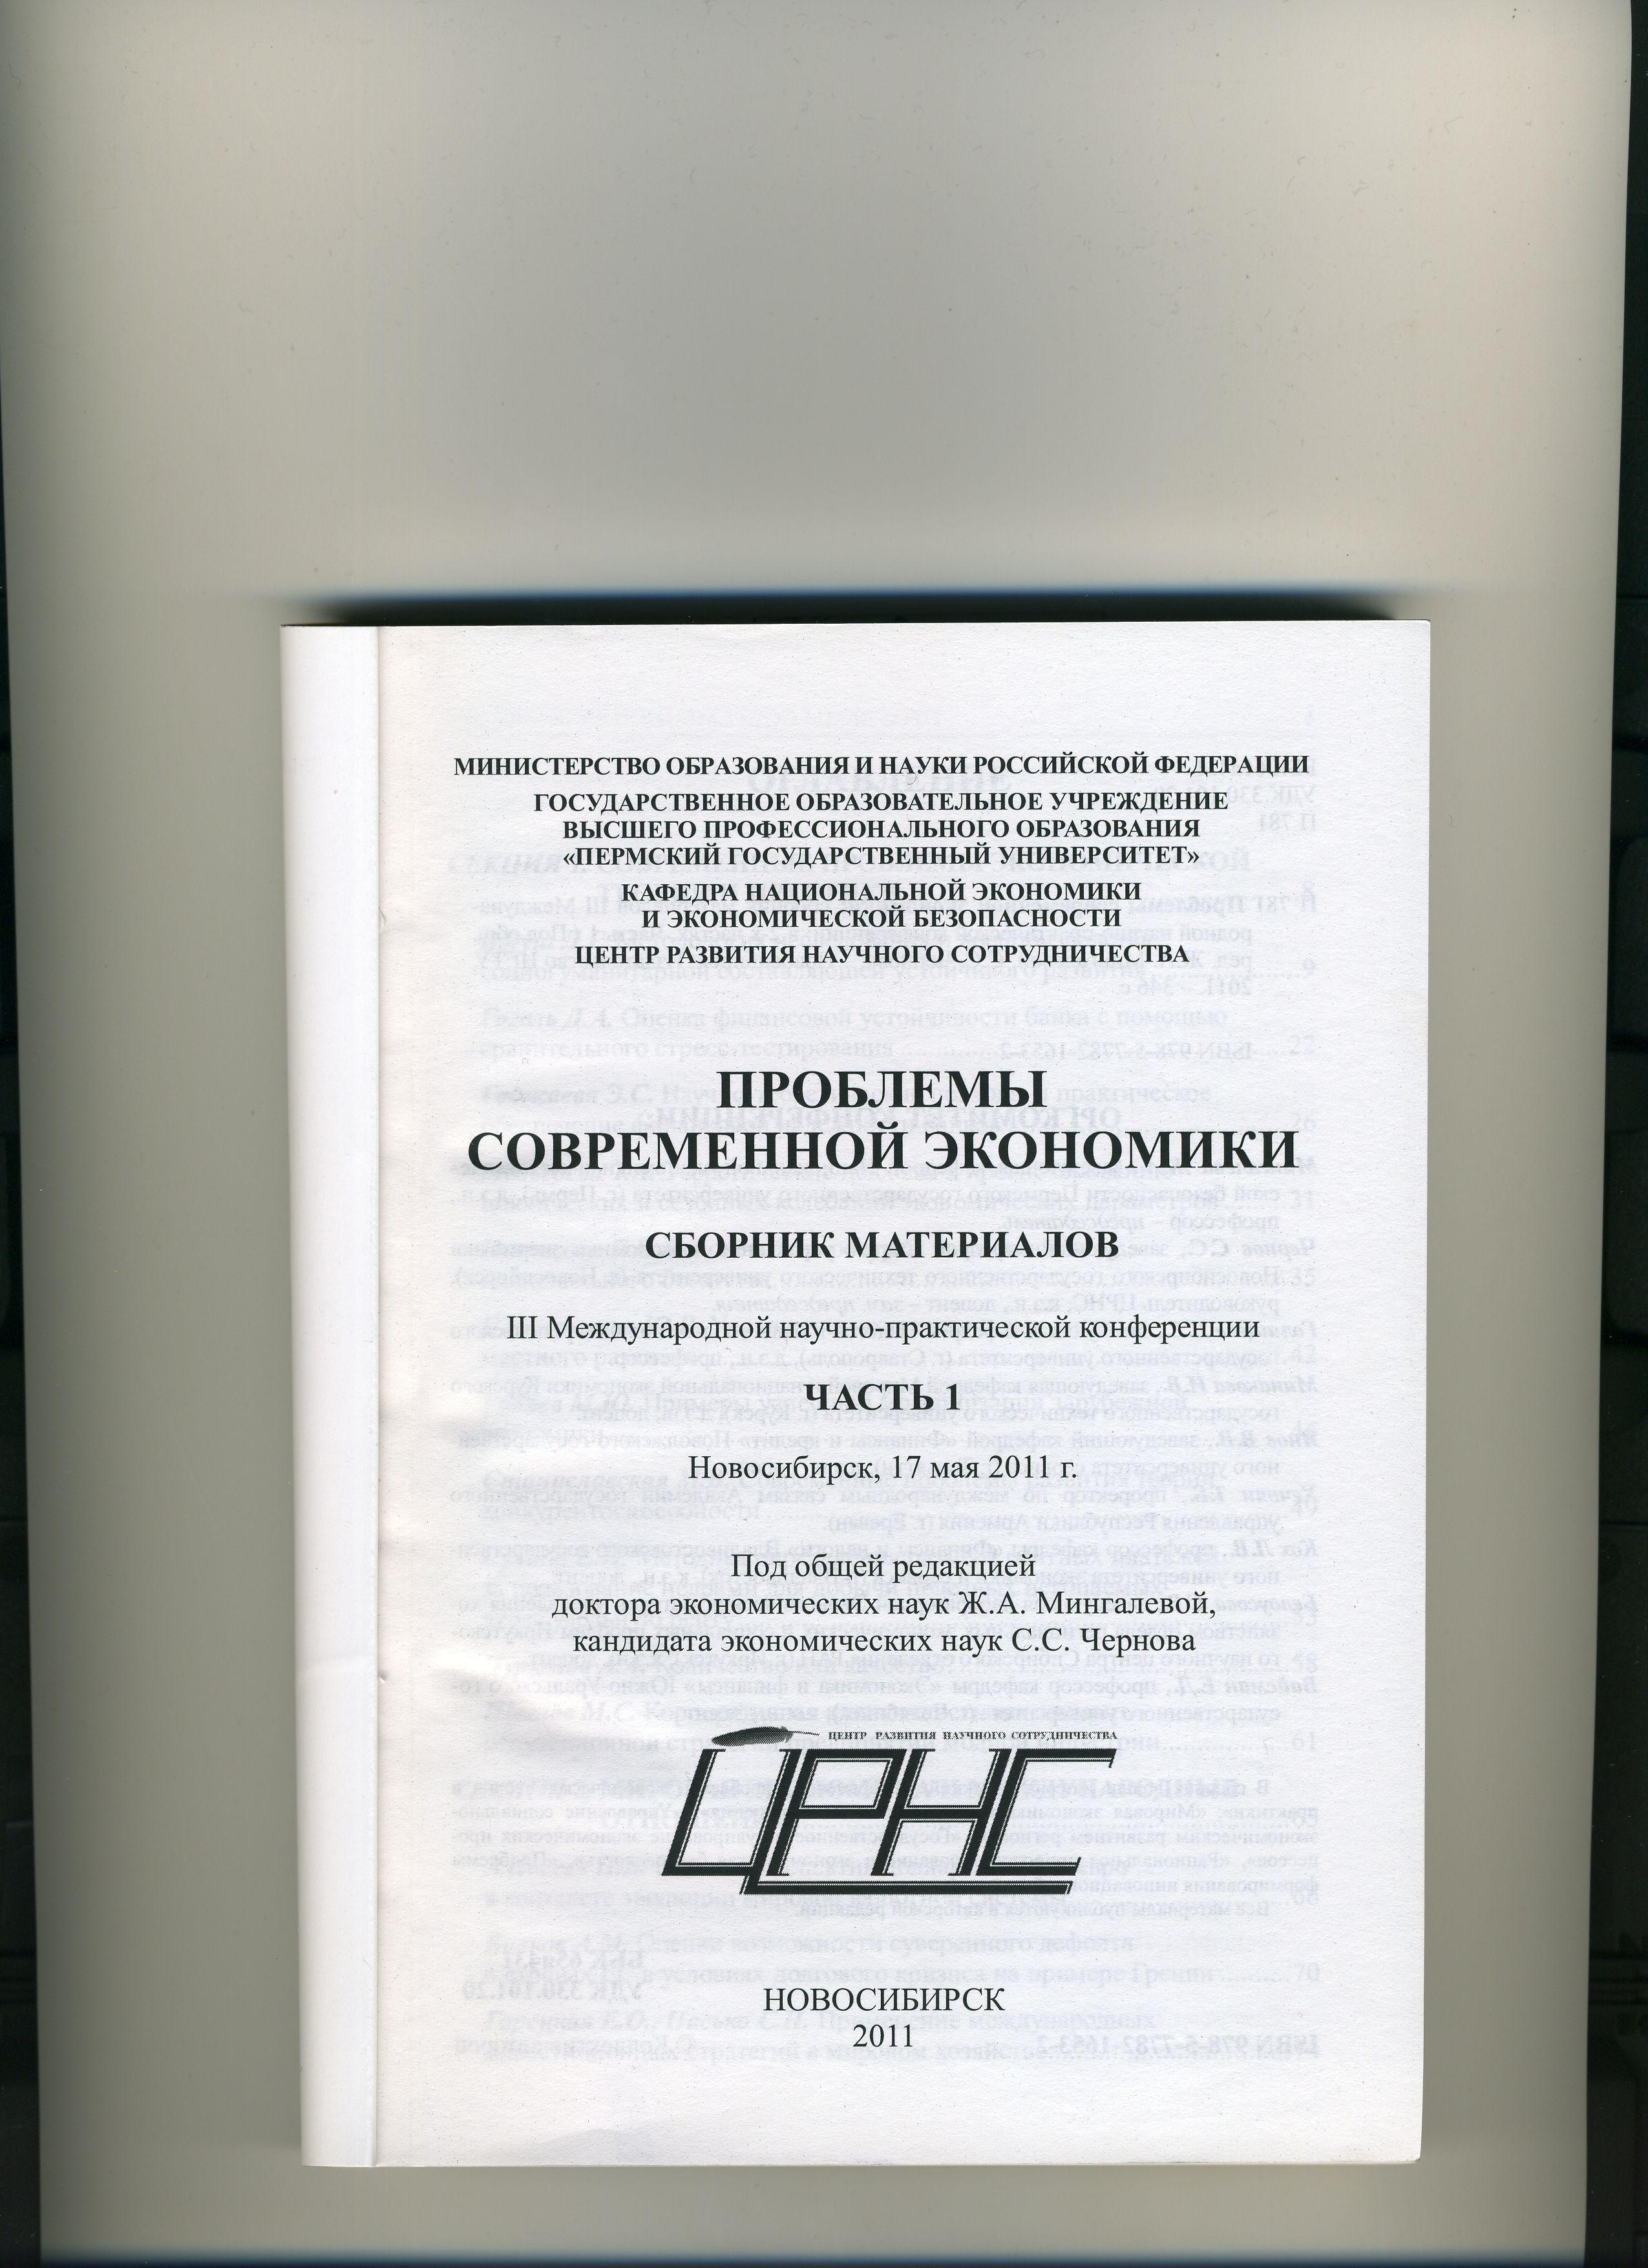 Государственное регулирование в обеспечении инновационной активности реального сектора российской экономики